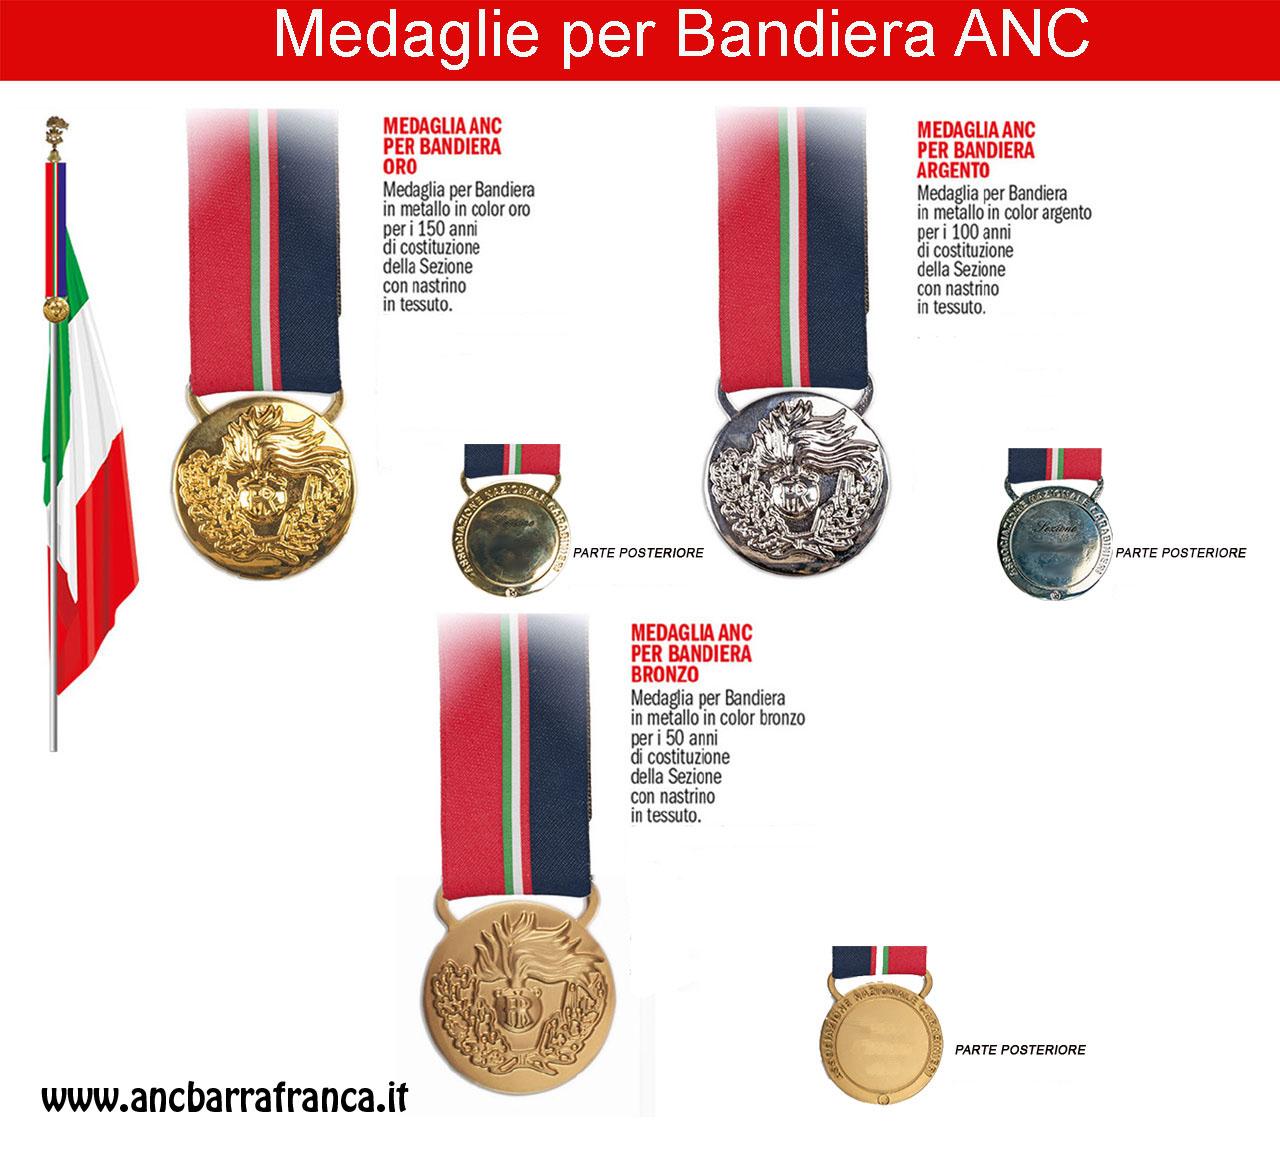 Medaglie Bandiera ANC